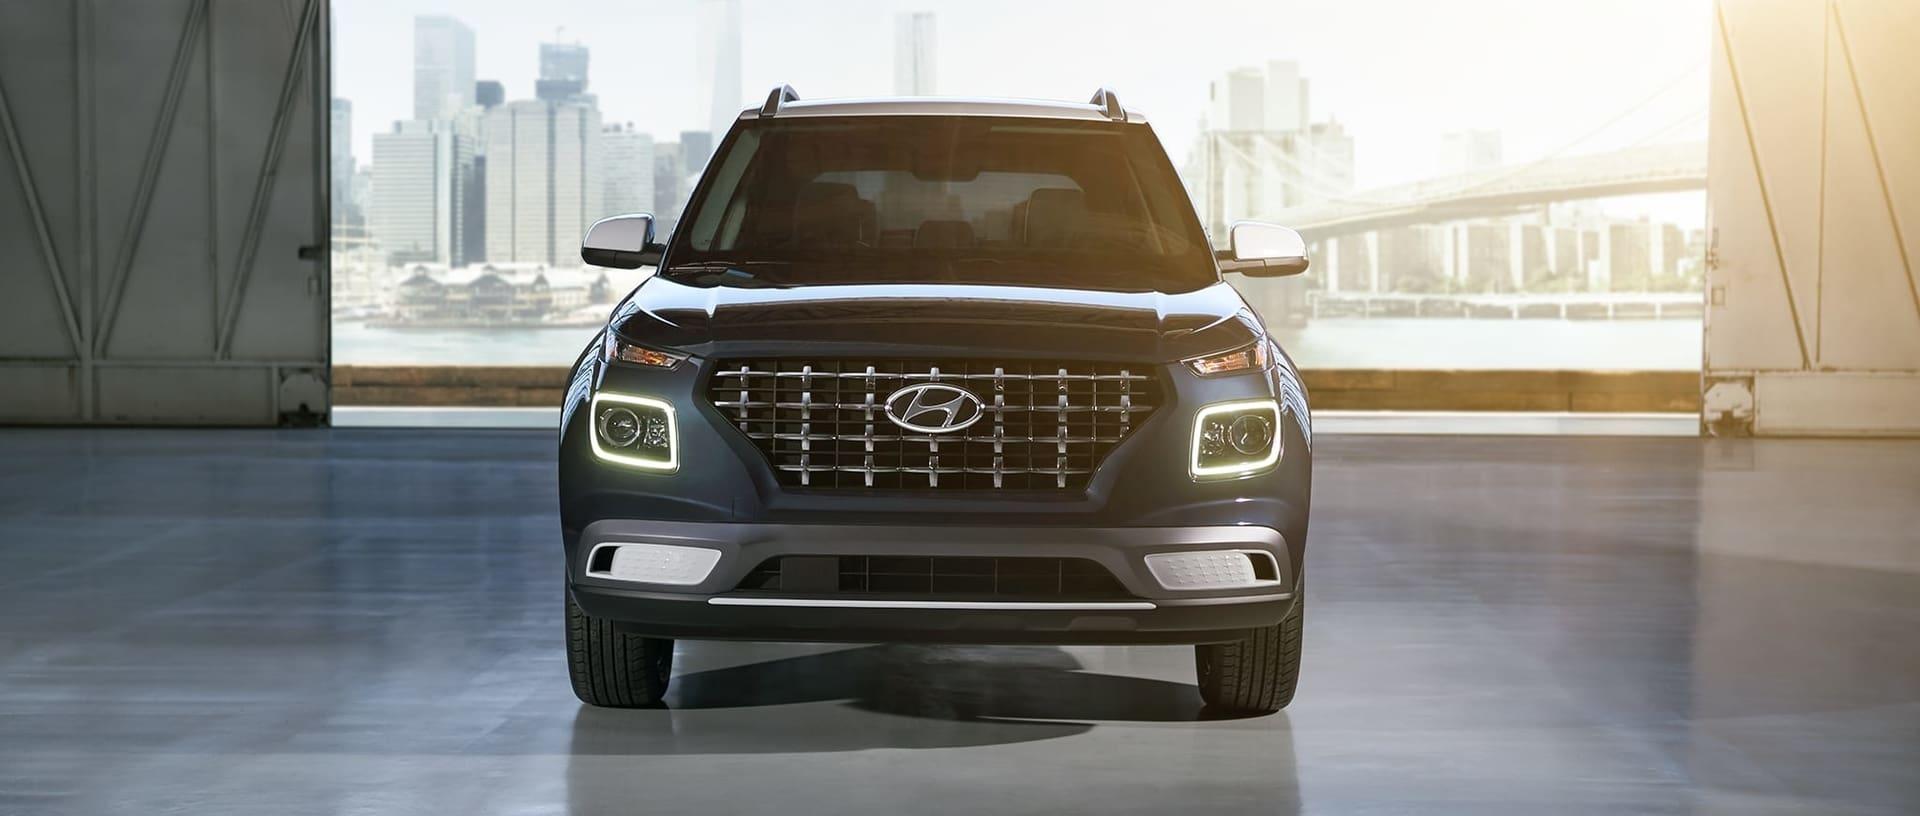 Lease a 2020 Hyundai Venue near Coventry RI